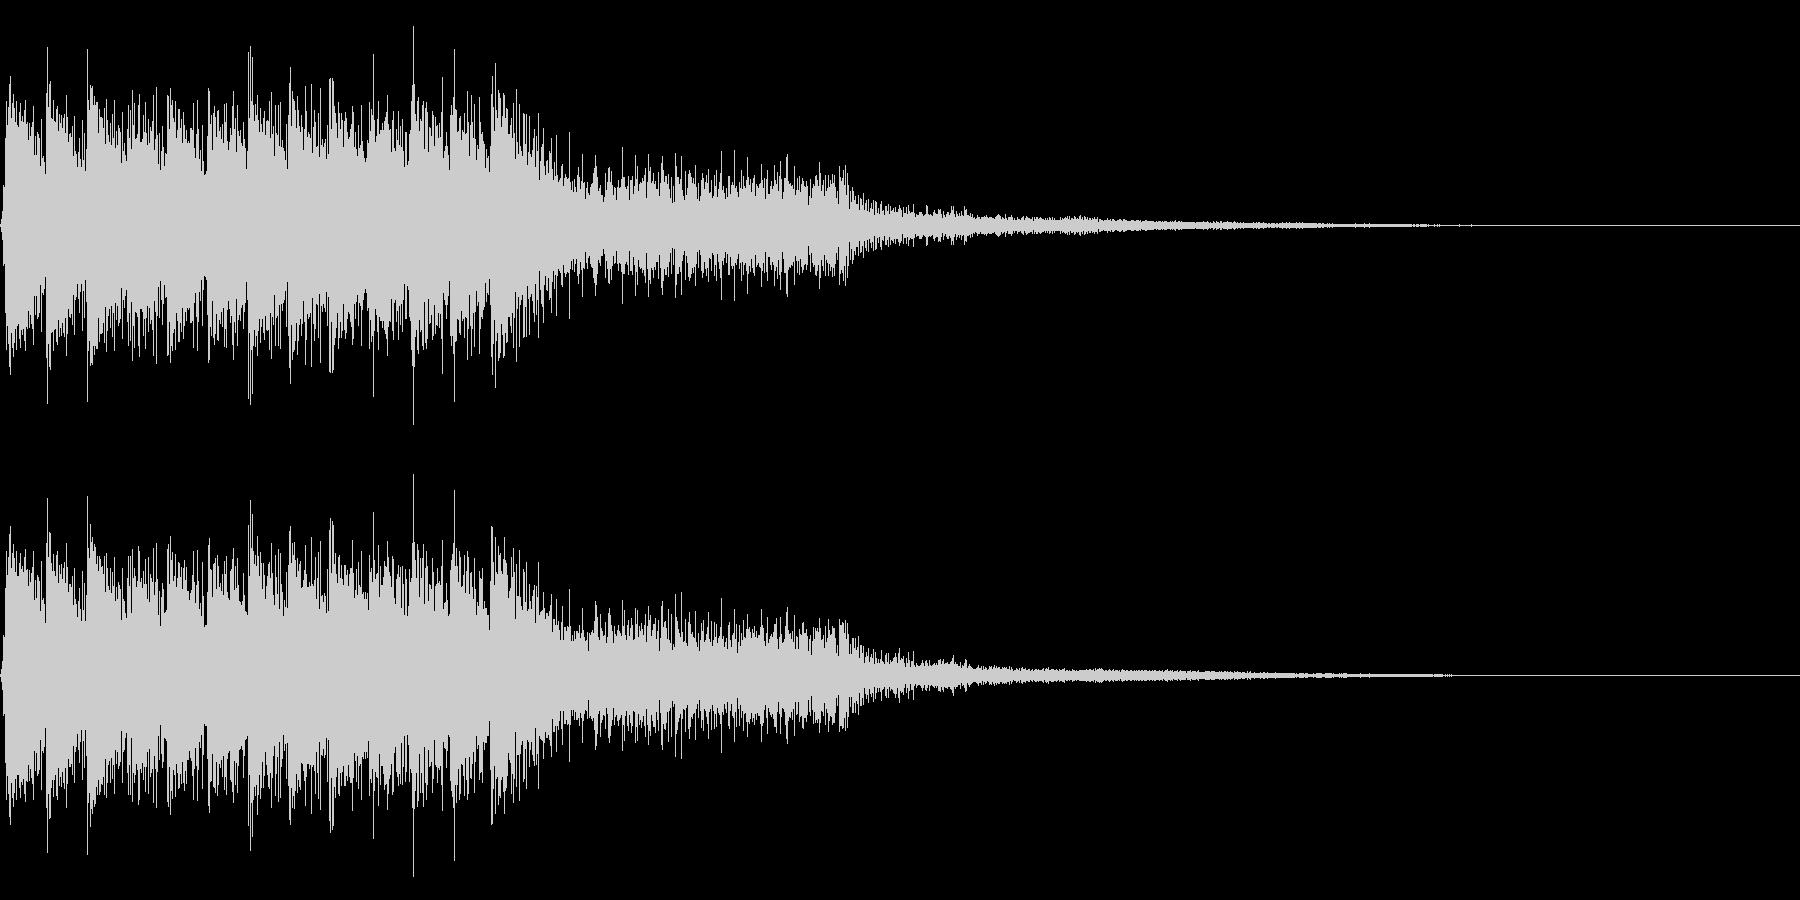 レトロなゲームオーバー音 ミス音 失敗音の未再生の波形